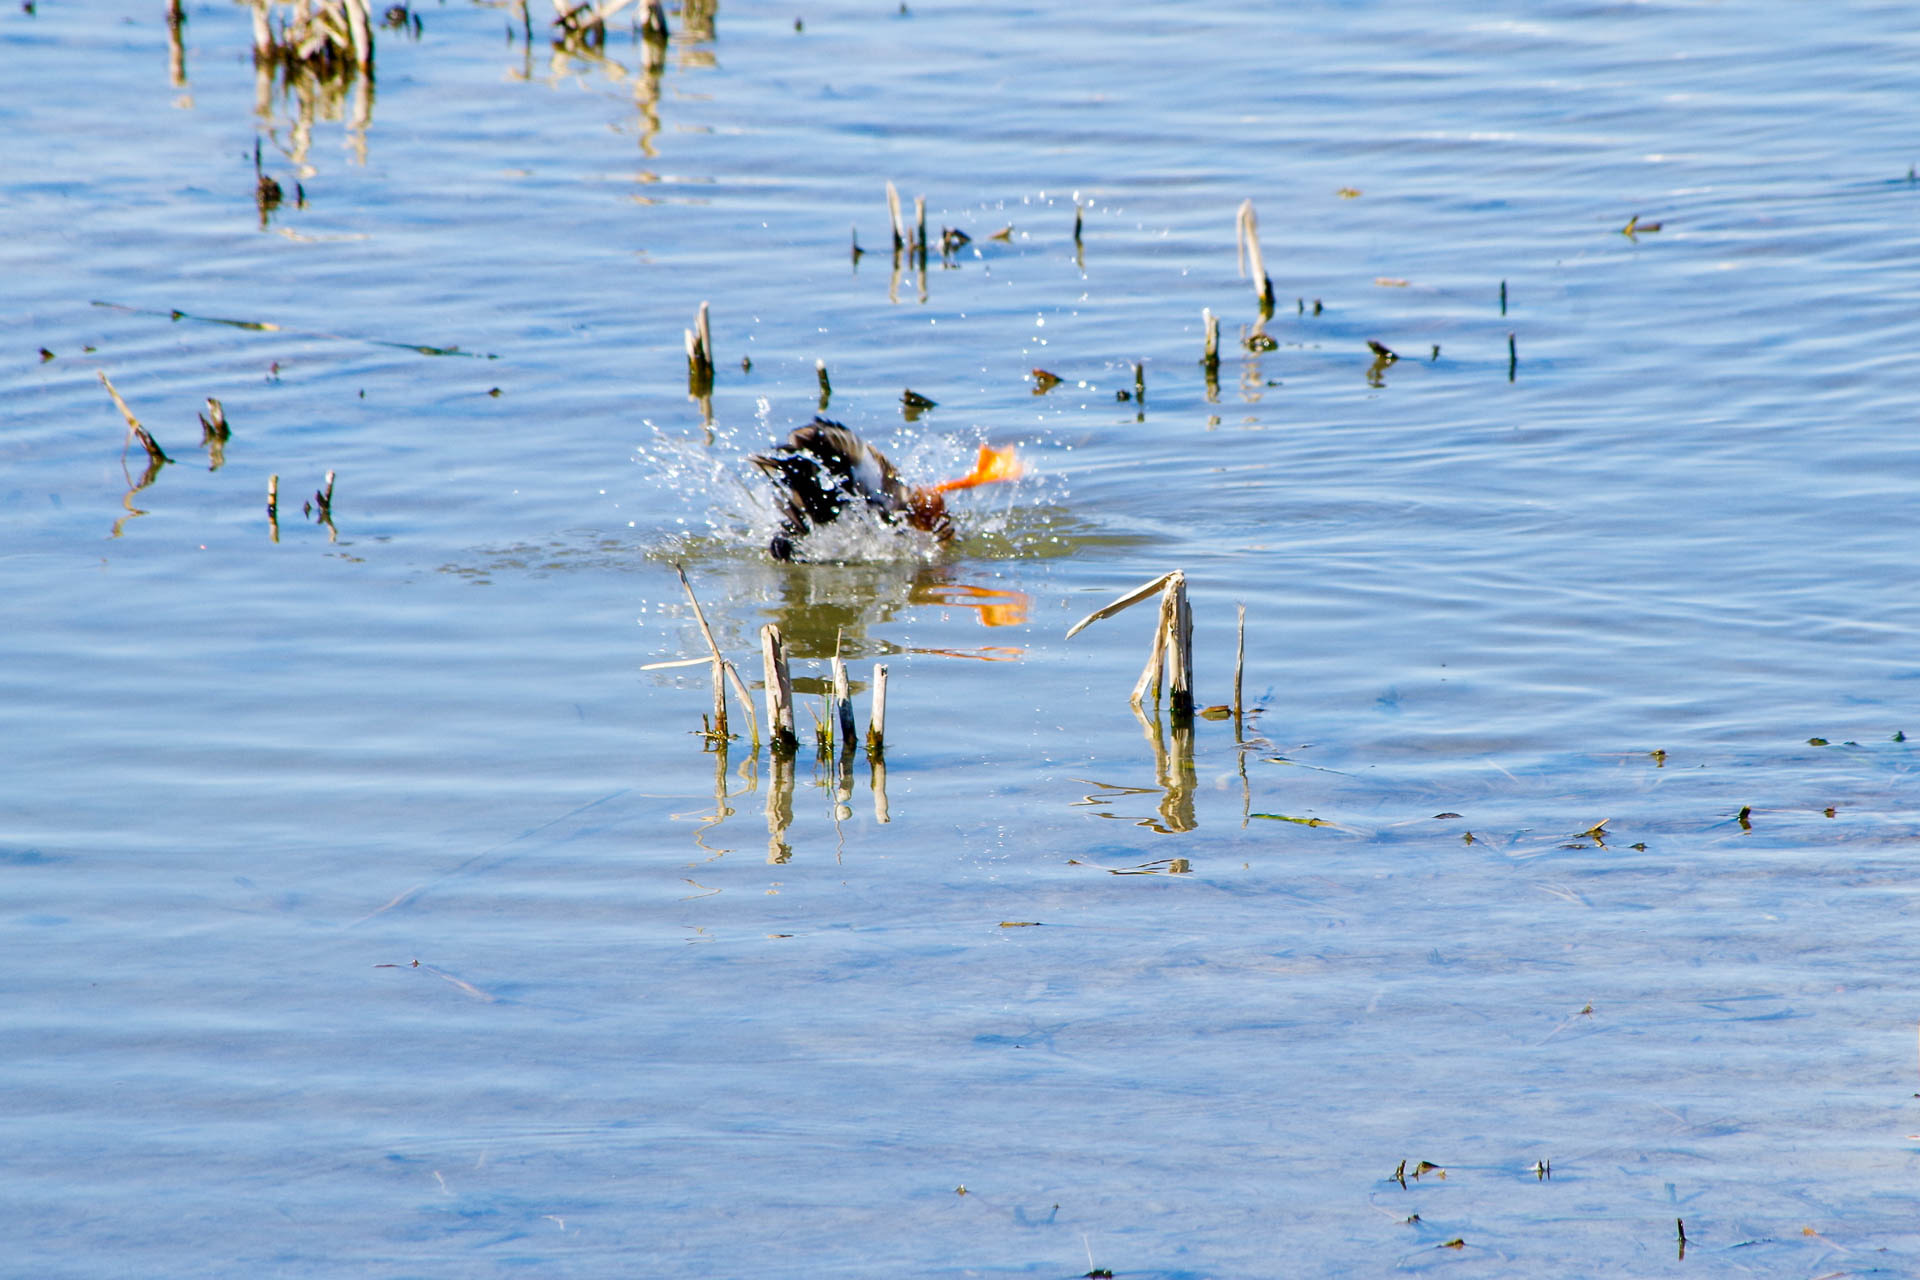 duck ducking